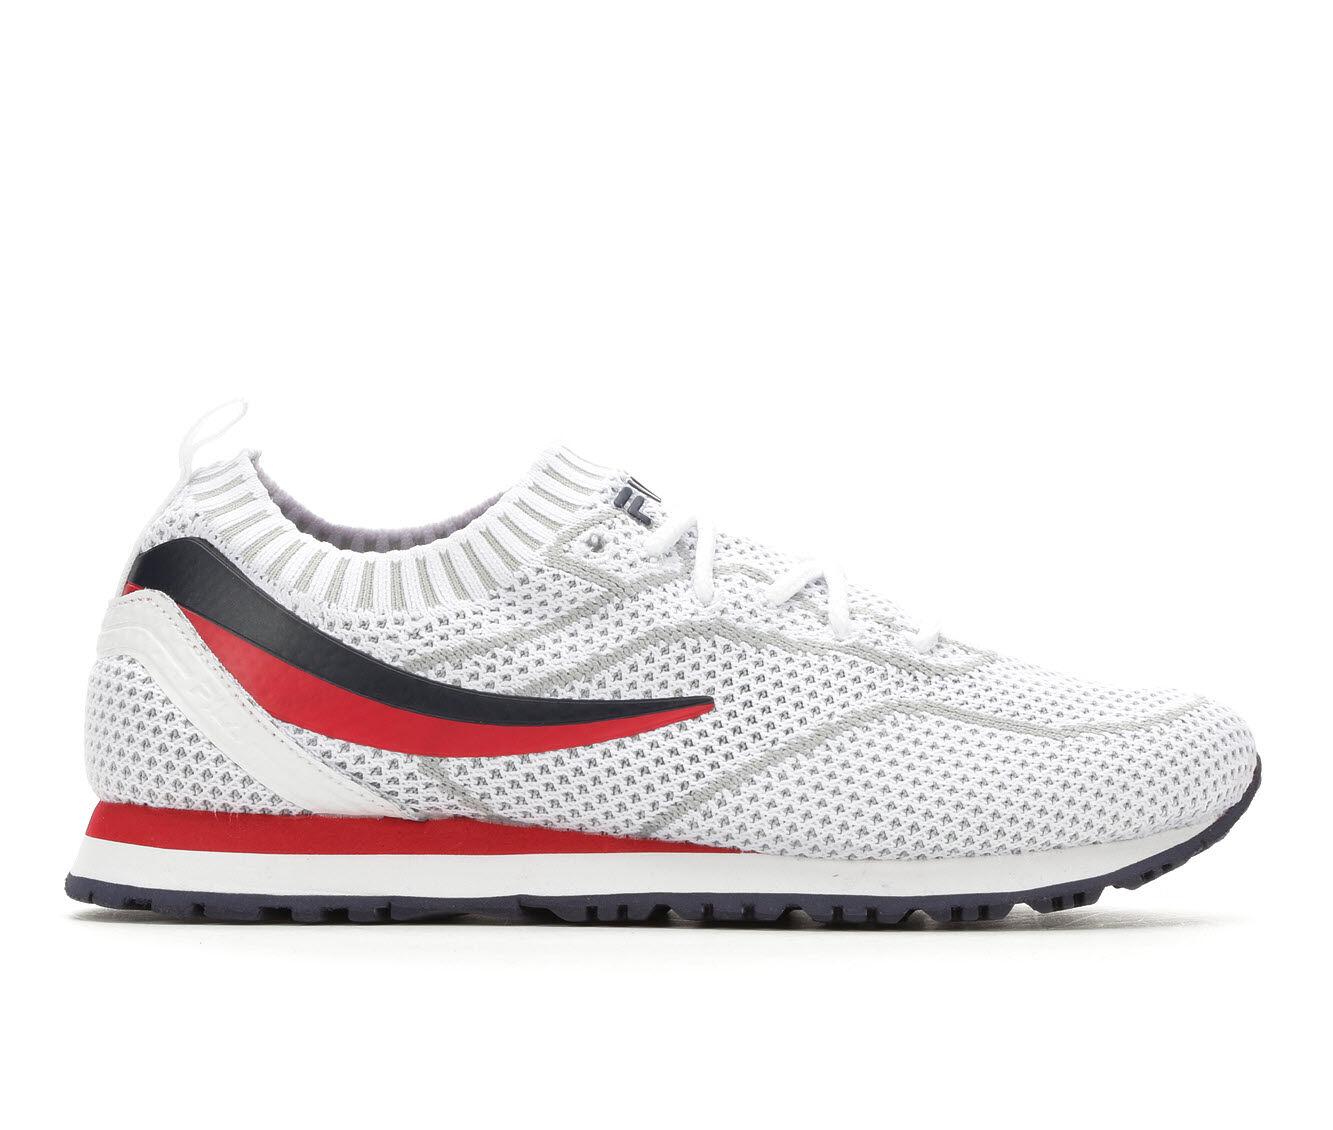 Women's Fila PostRunner 2 Sockfit Retro Sneakers White/Navy/Red